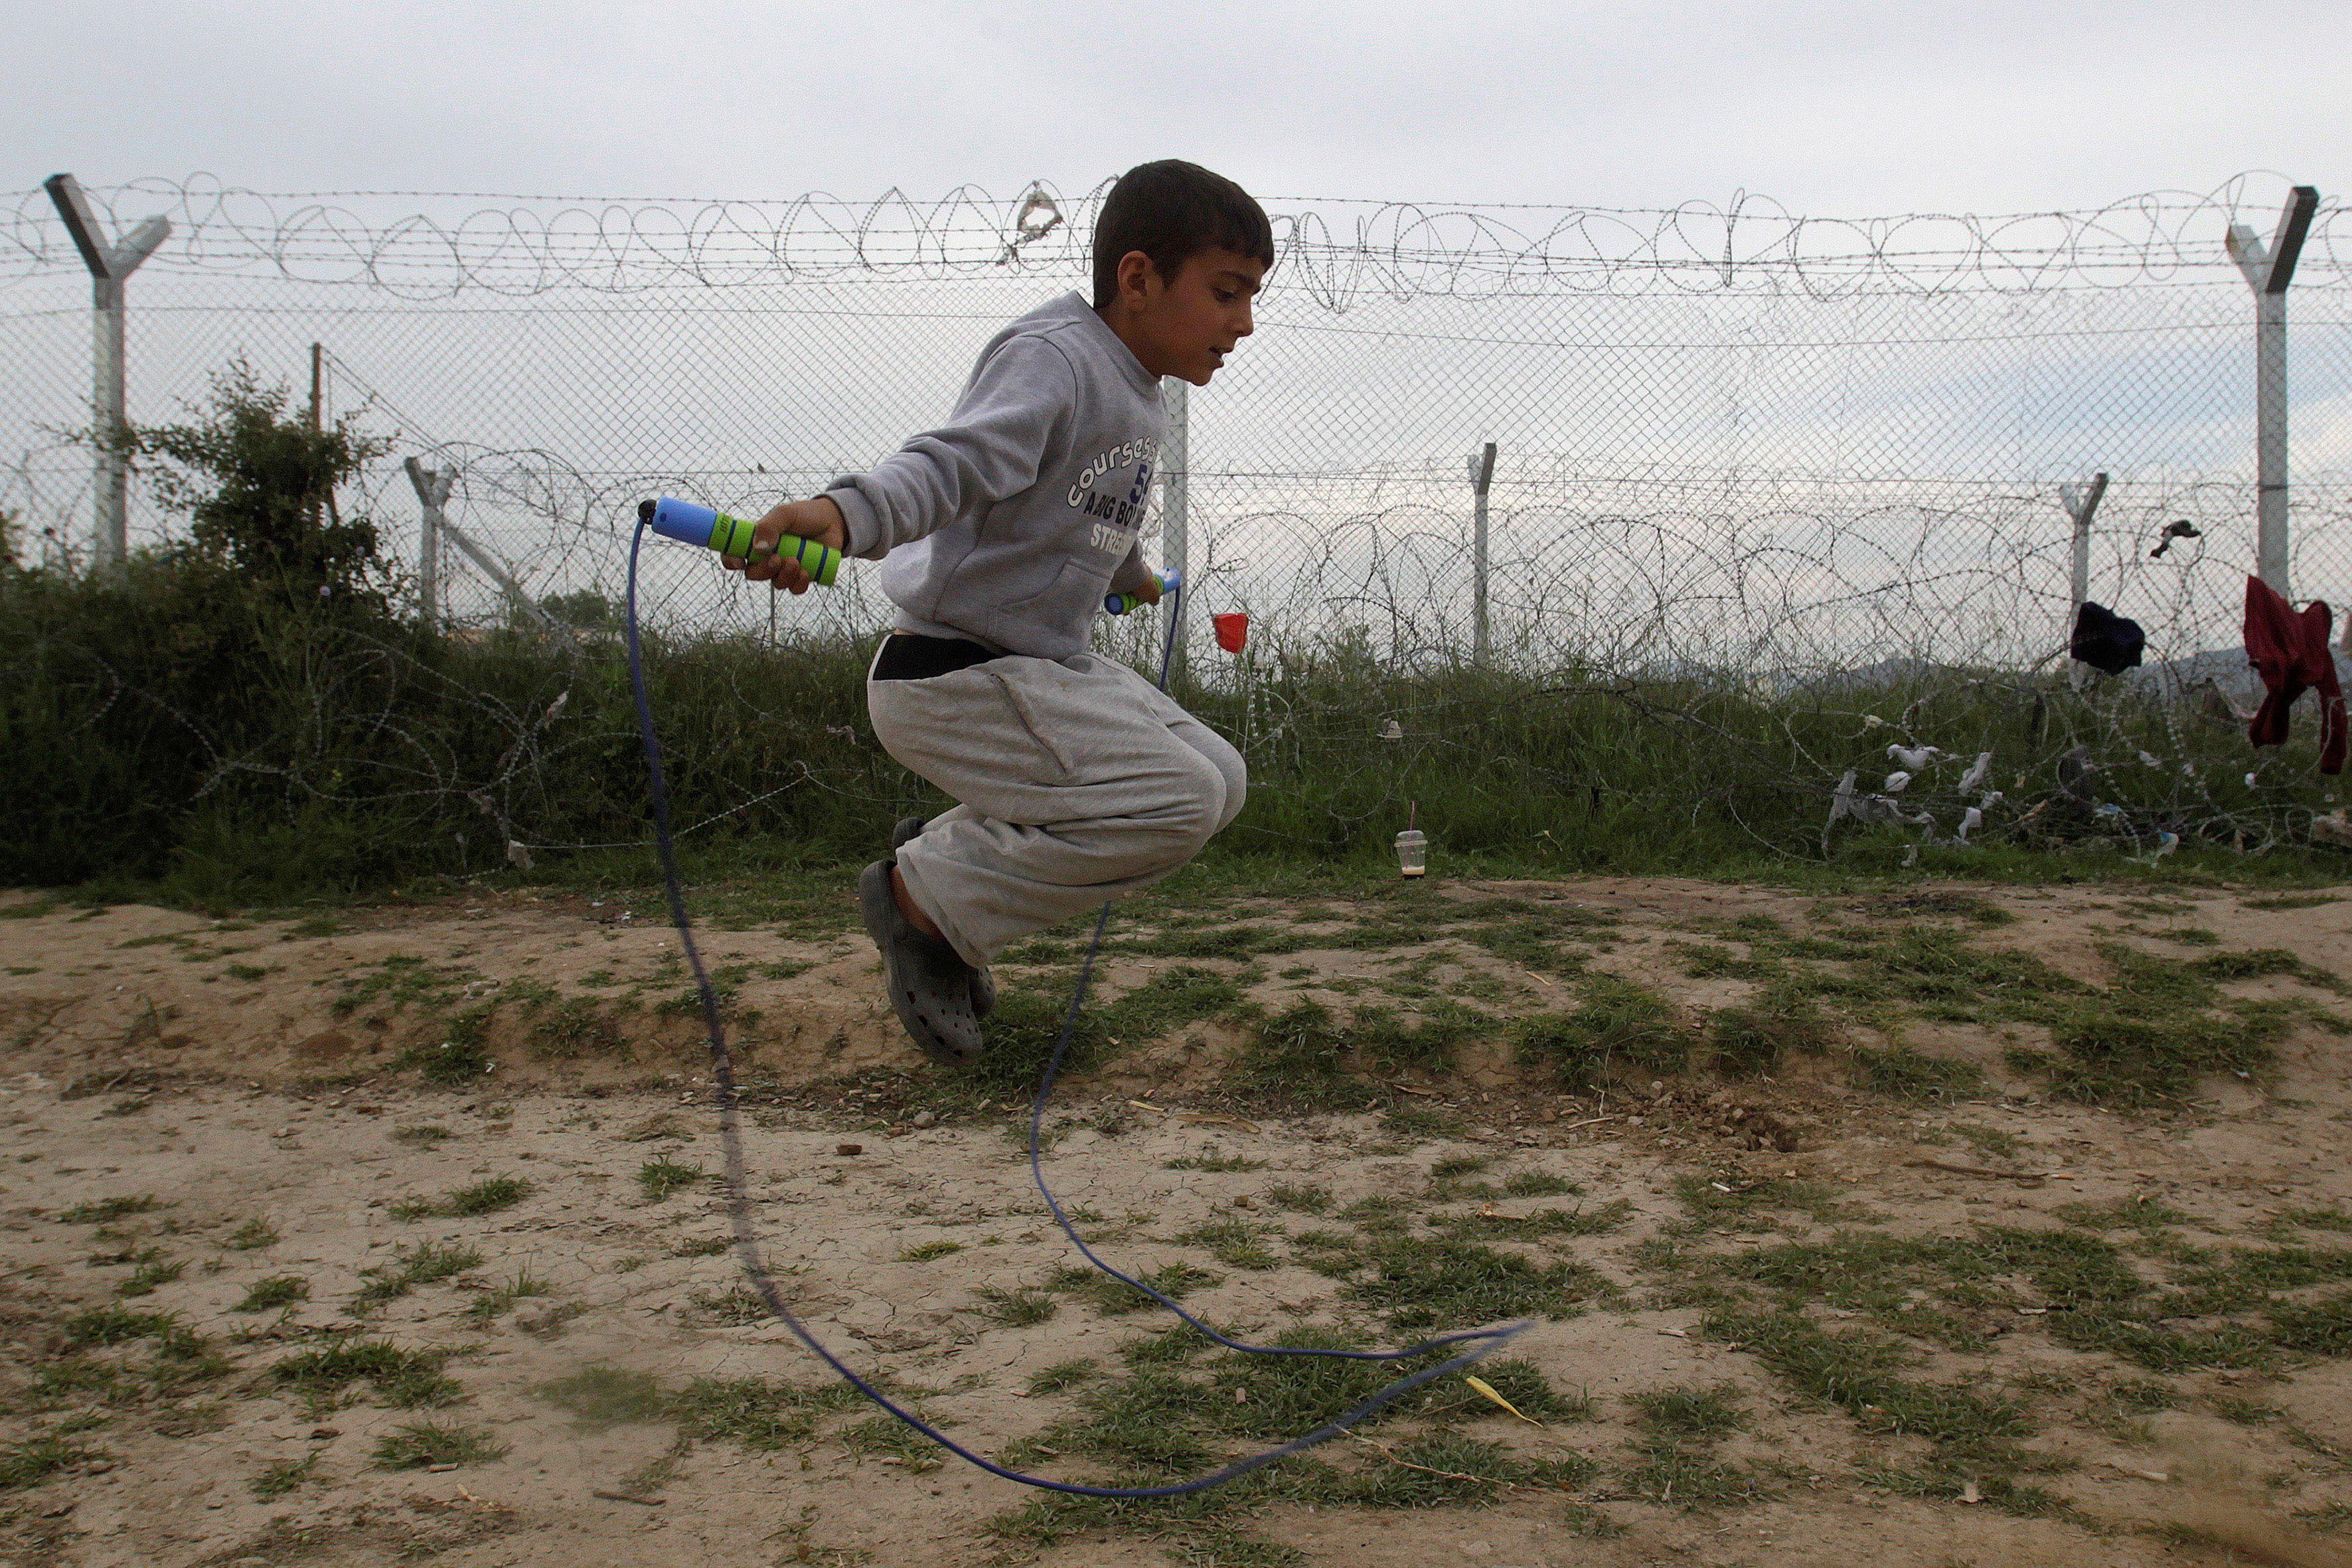 La plupart des pays d'Europe ont signé la convention internationale des droits de l'enfant qui interdit d'expulser un mineur non accompagné et implique de le prendre en charge jusqu'à sa majorité.